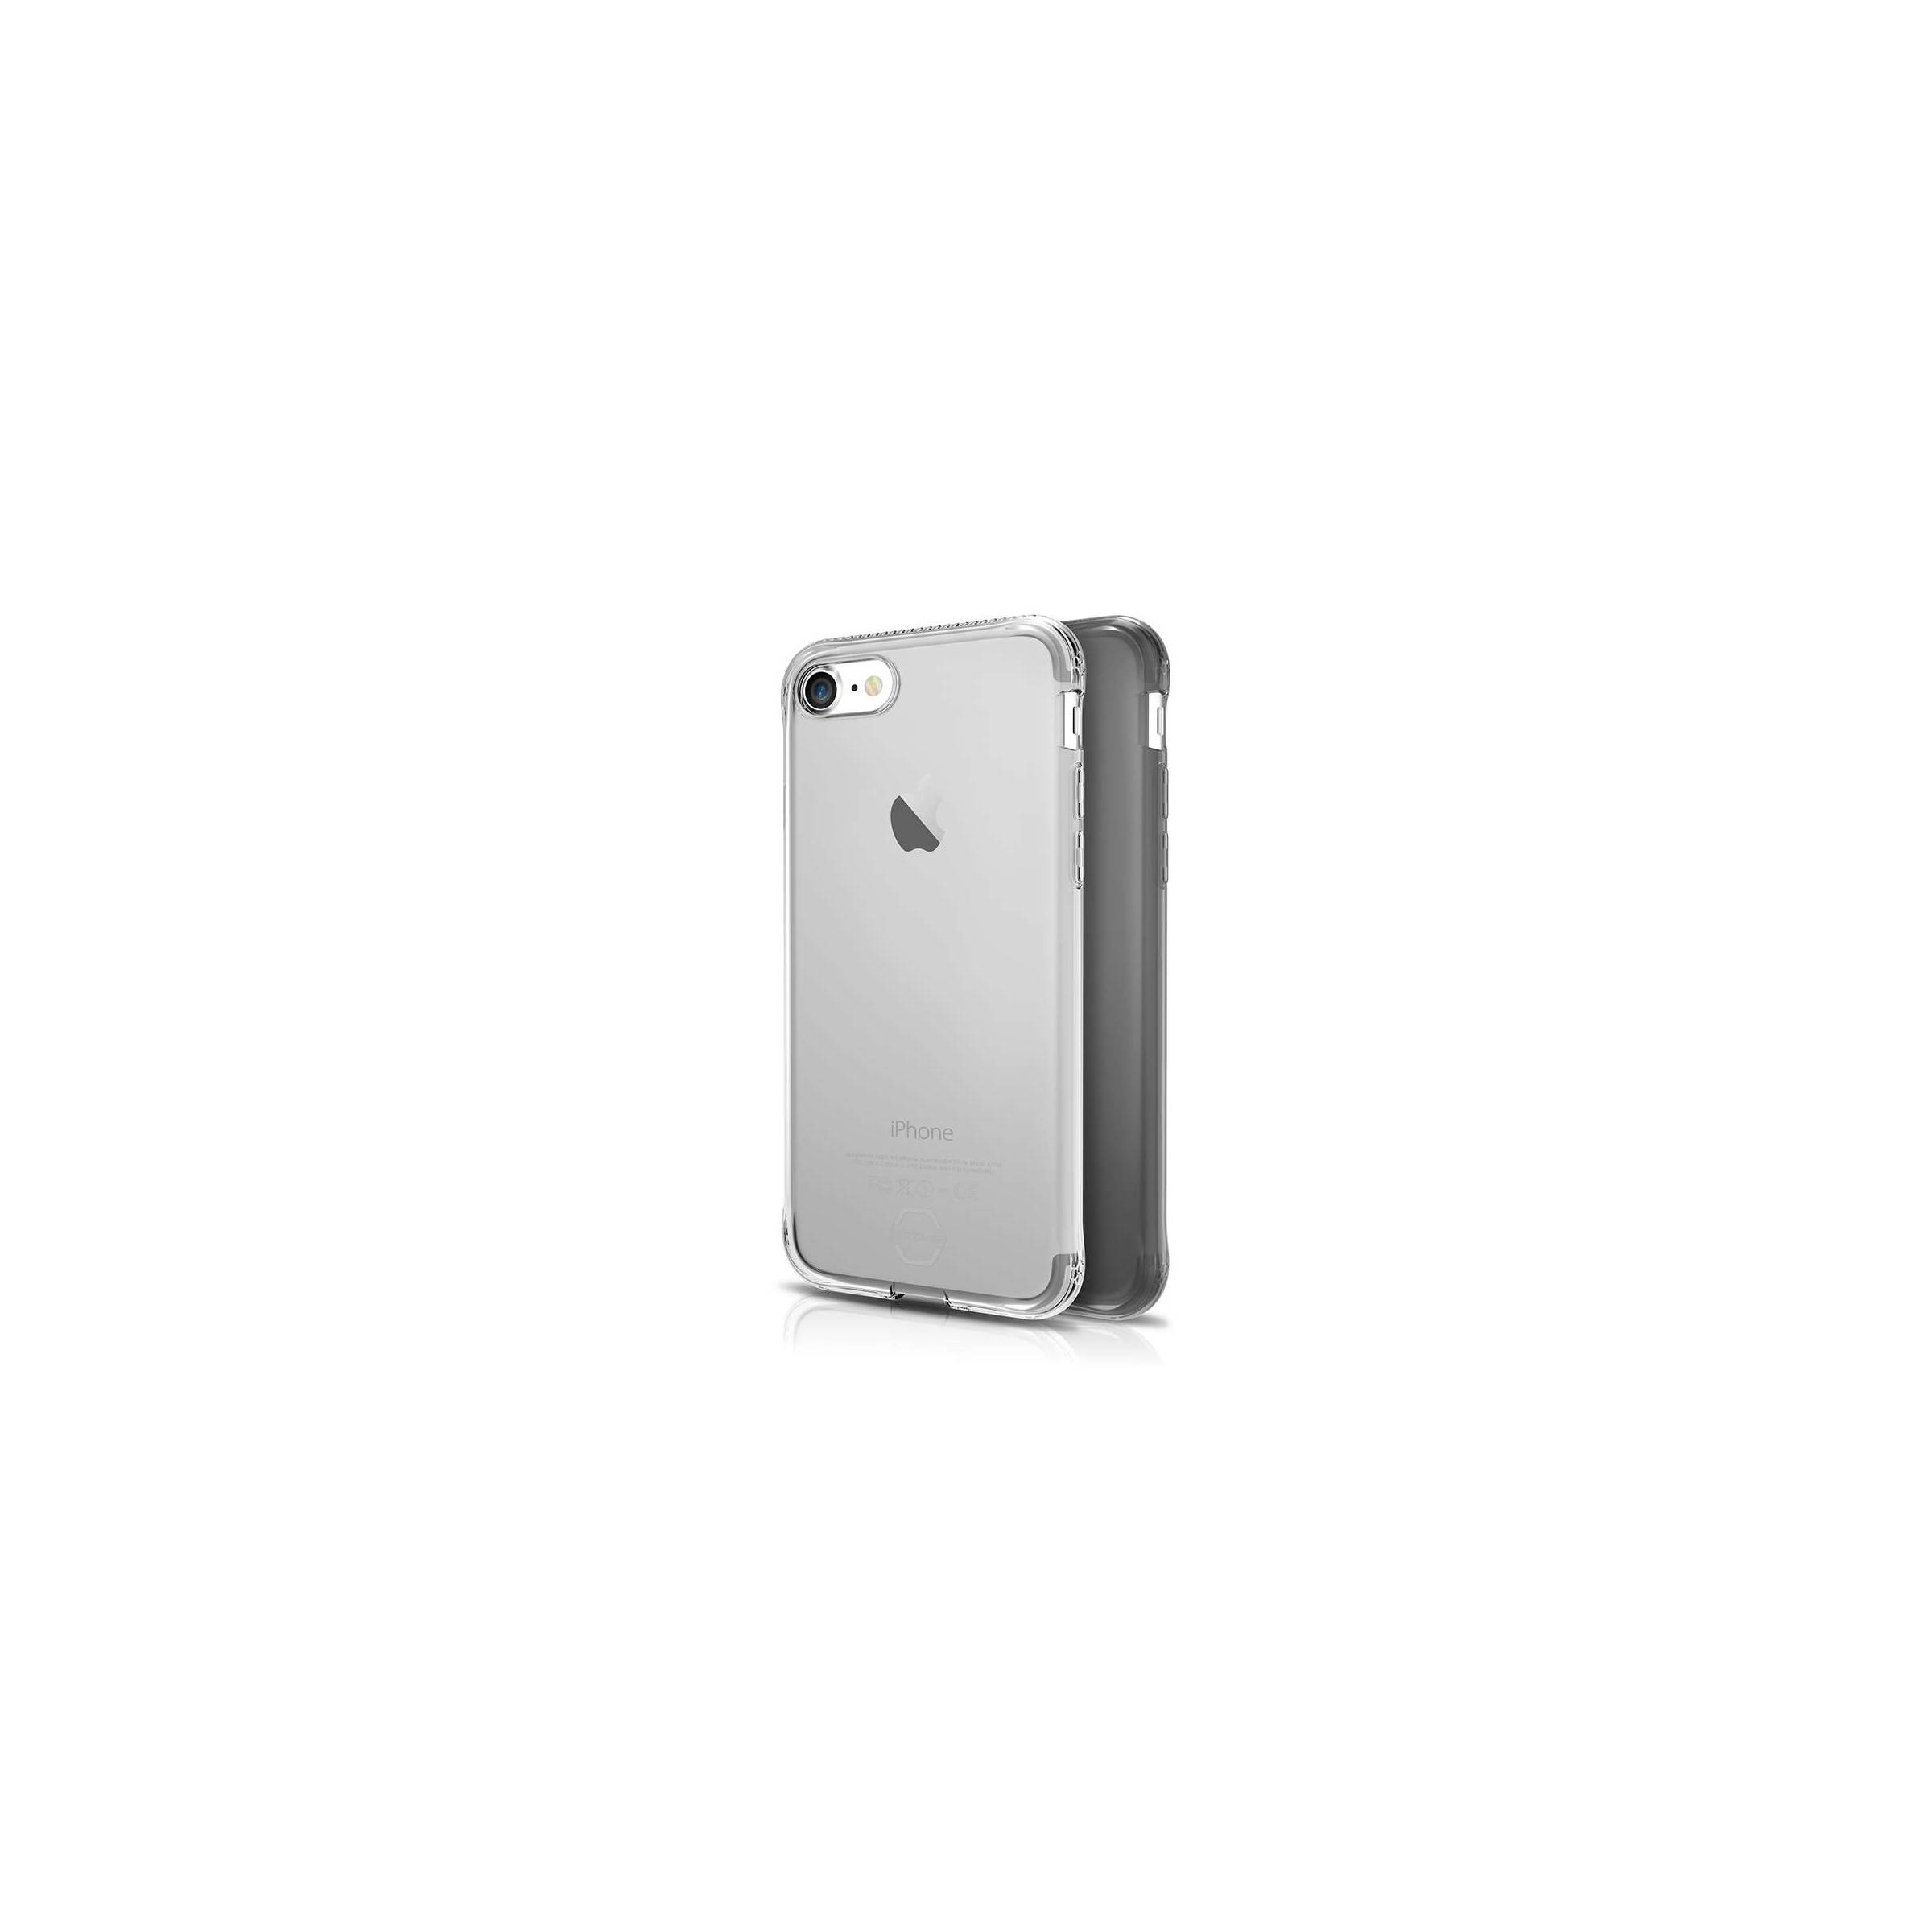 Itskins slim silikone protect gel iphone 7 & 8 plus cover dobbelt 2x pakke farve klar & sort fra itskins på mackabler.dk